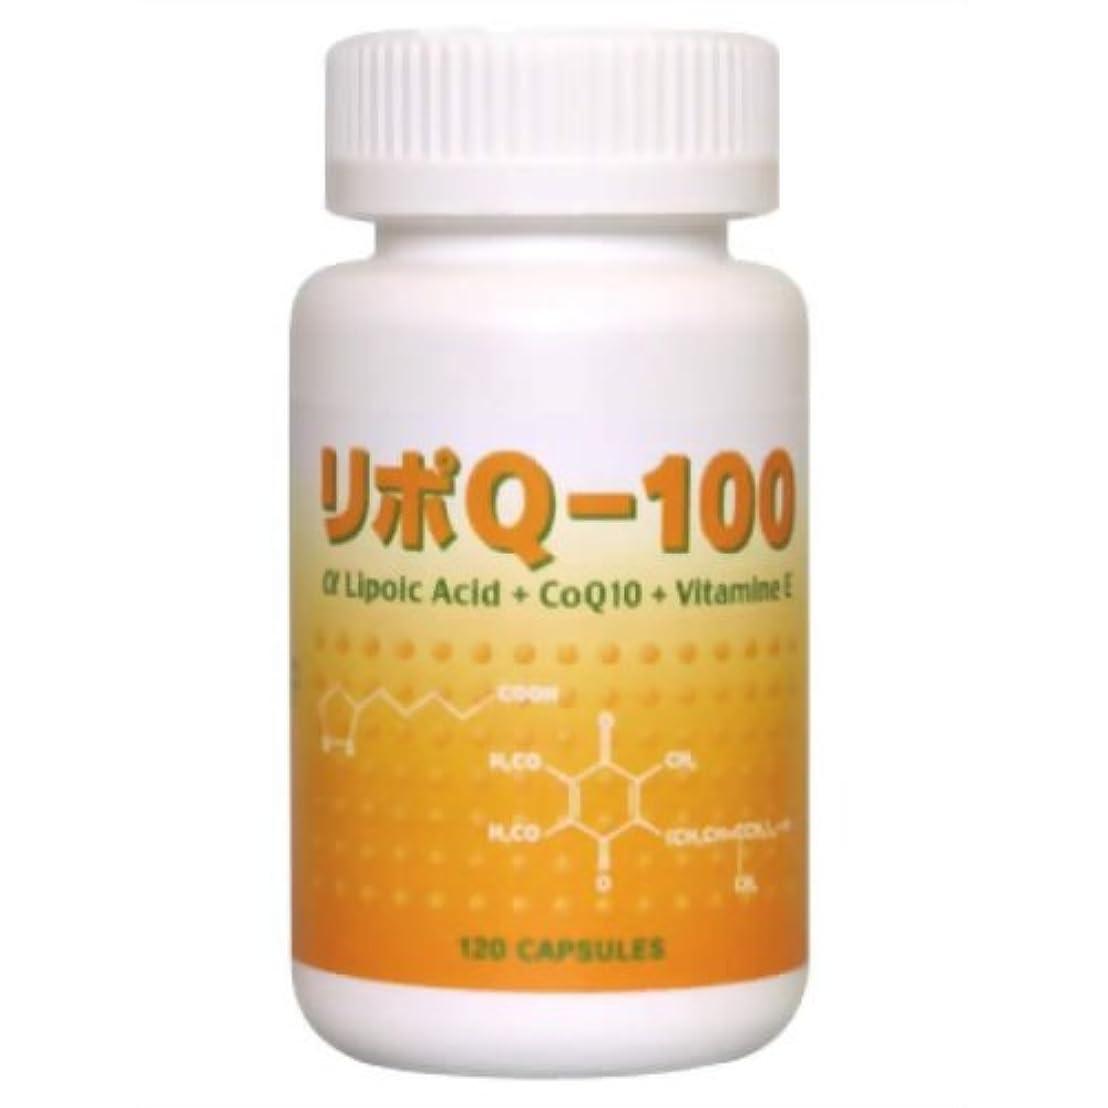 マサッチョアクセスわなリポQ-100 120カプセル(アルファリポ酸/αリポ酸配合)